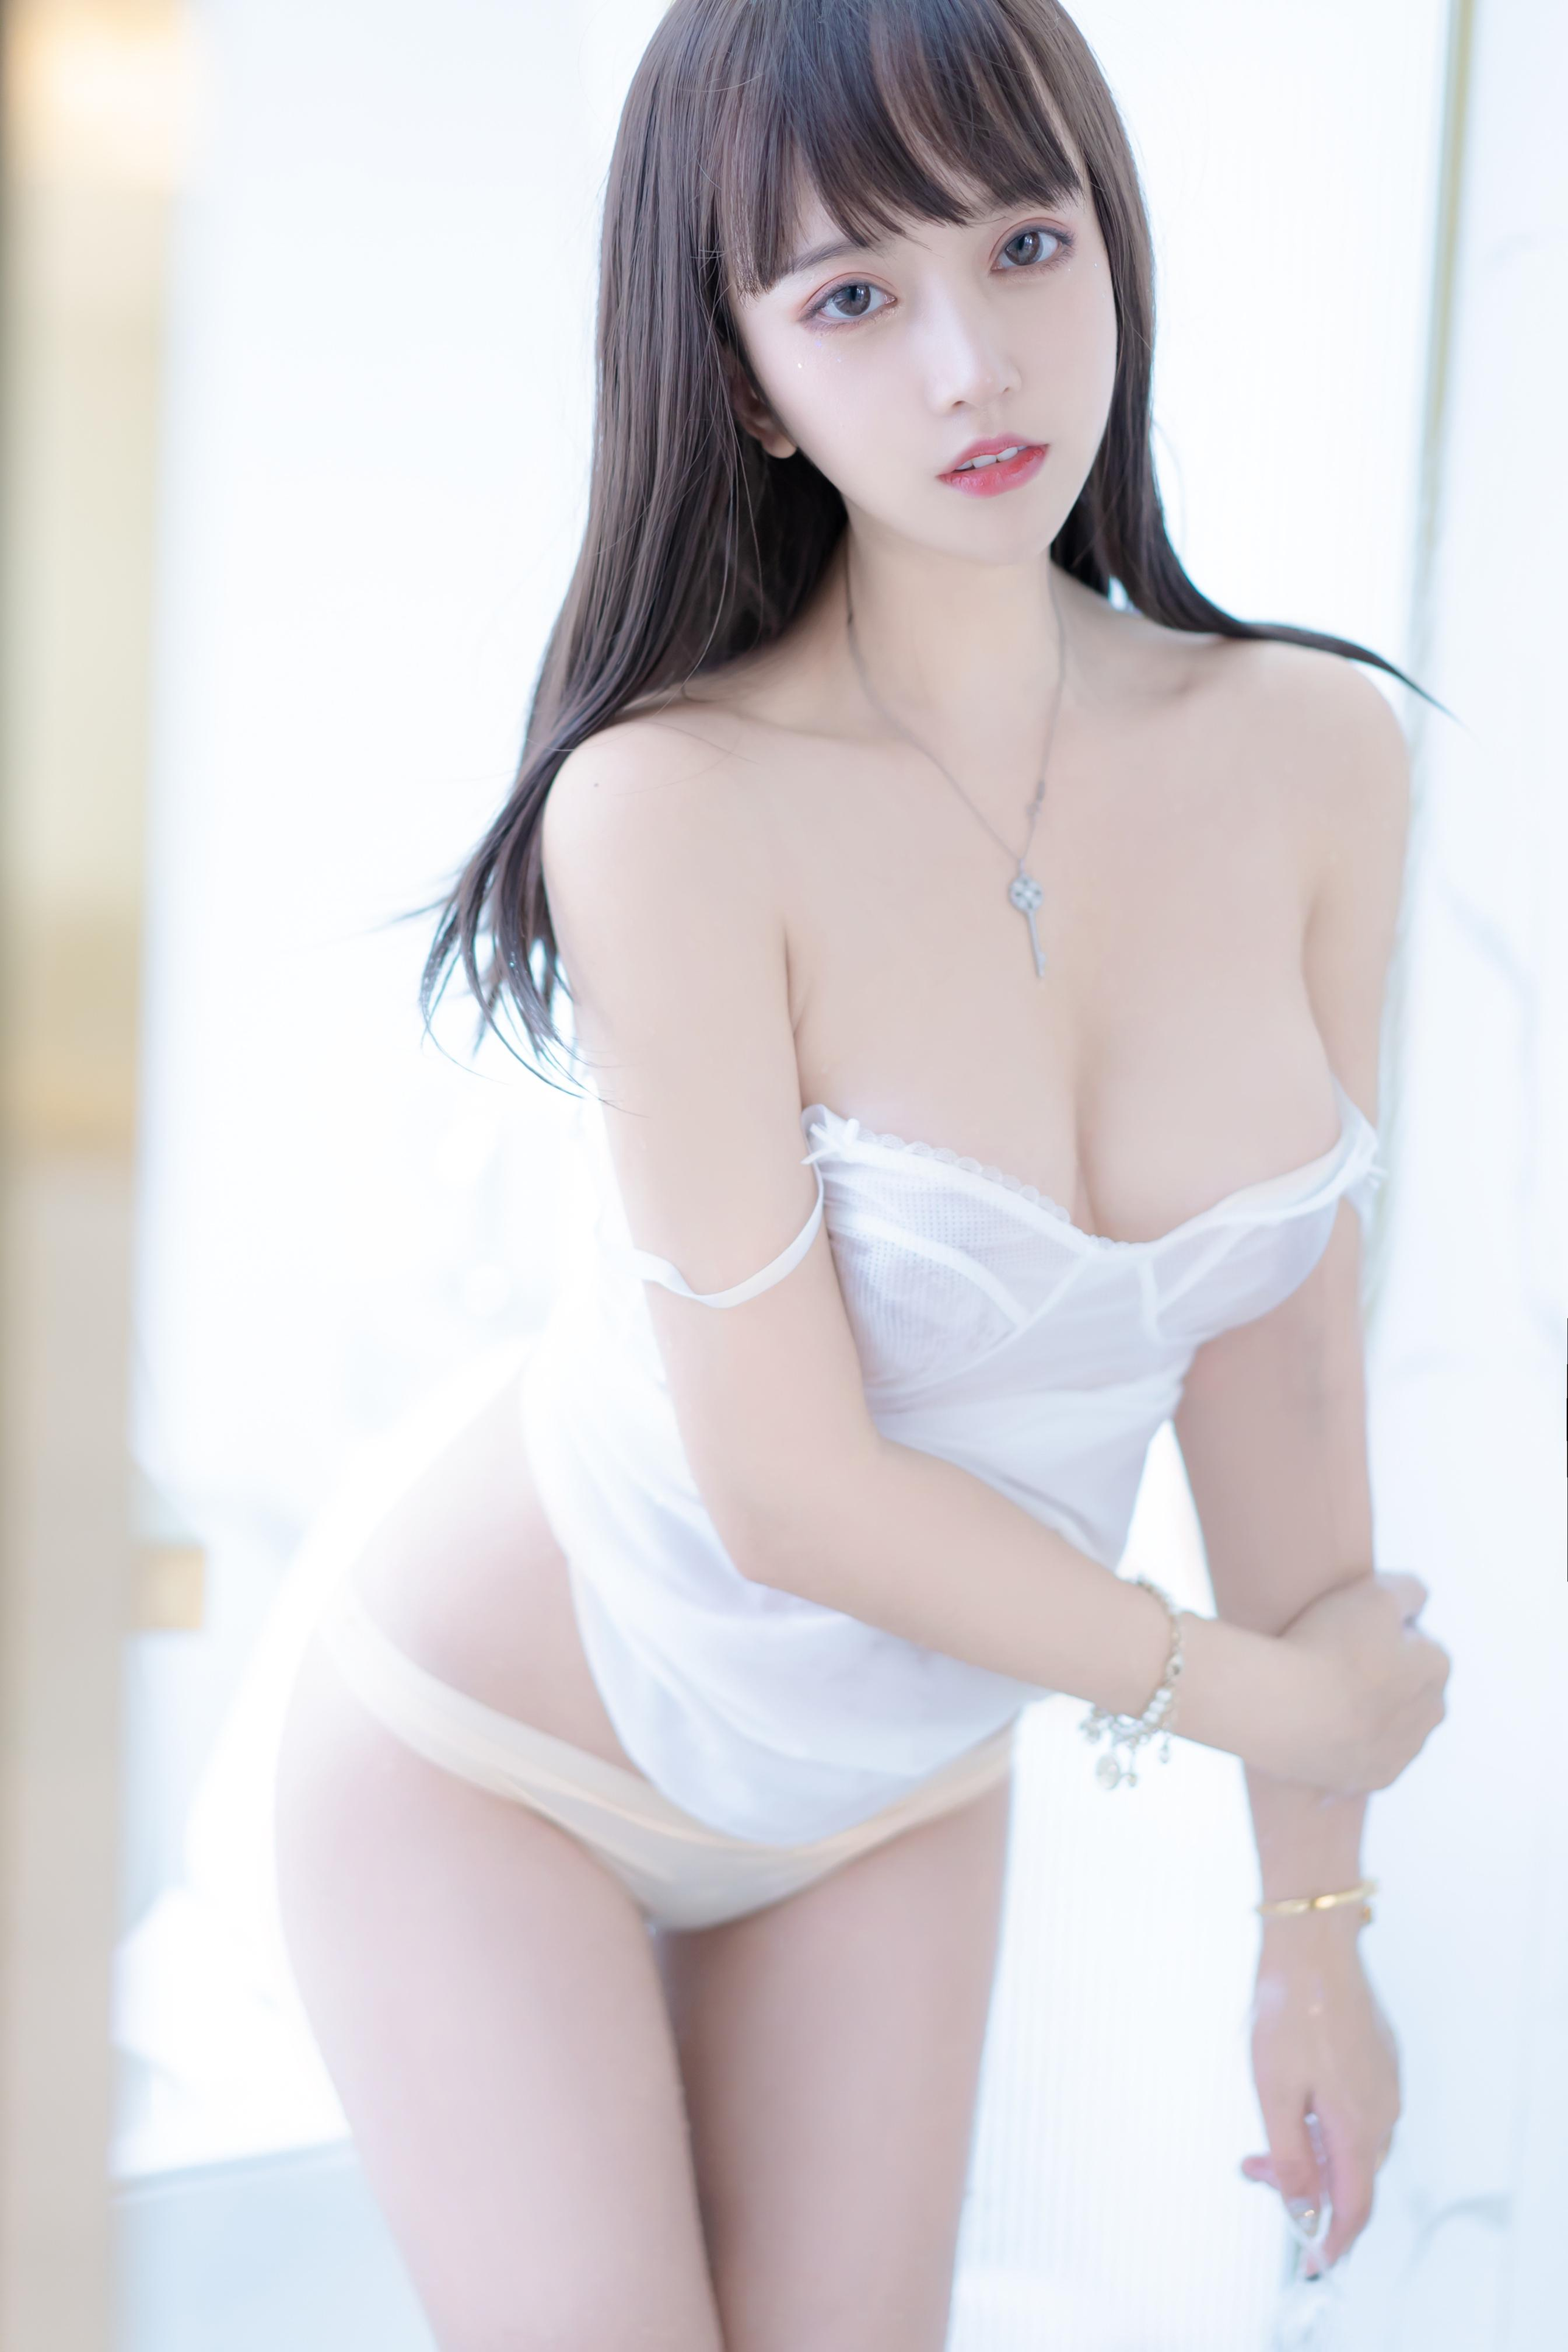 过期米线线喵 – 肉丝大姐姐[87P-106M]